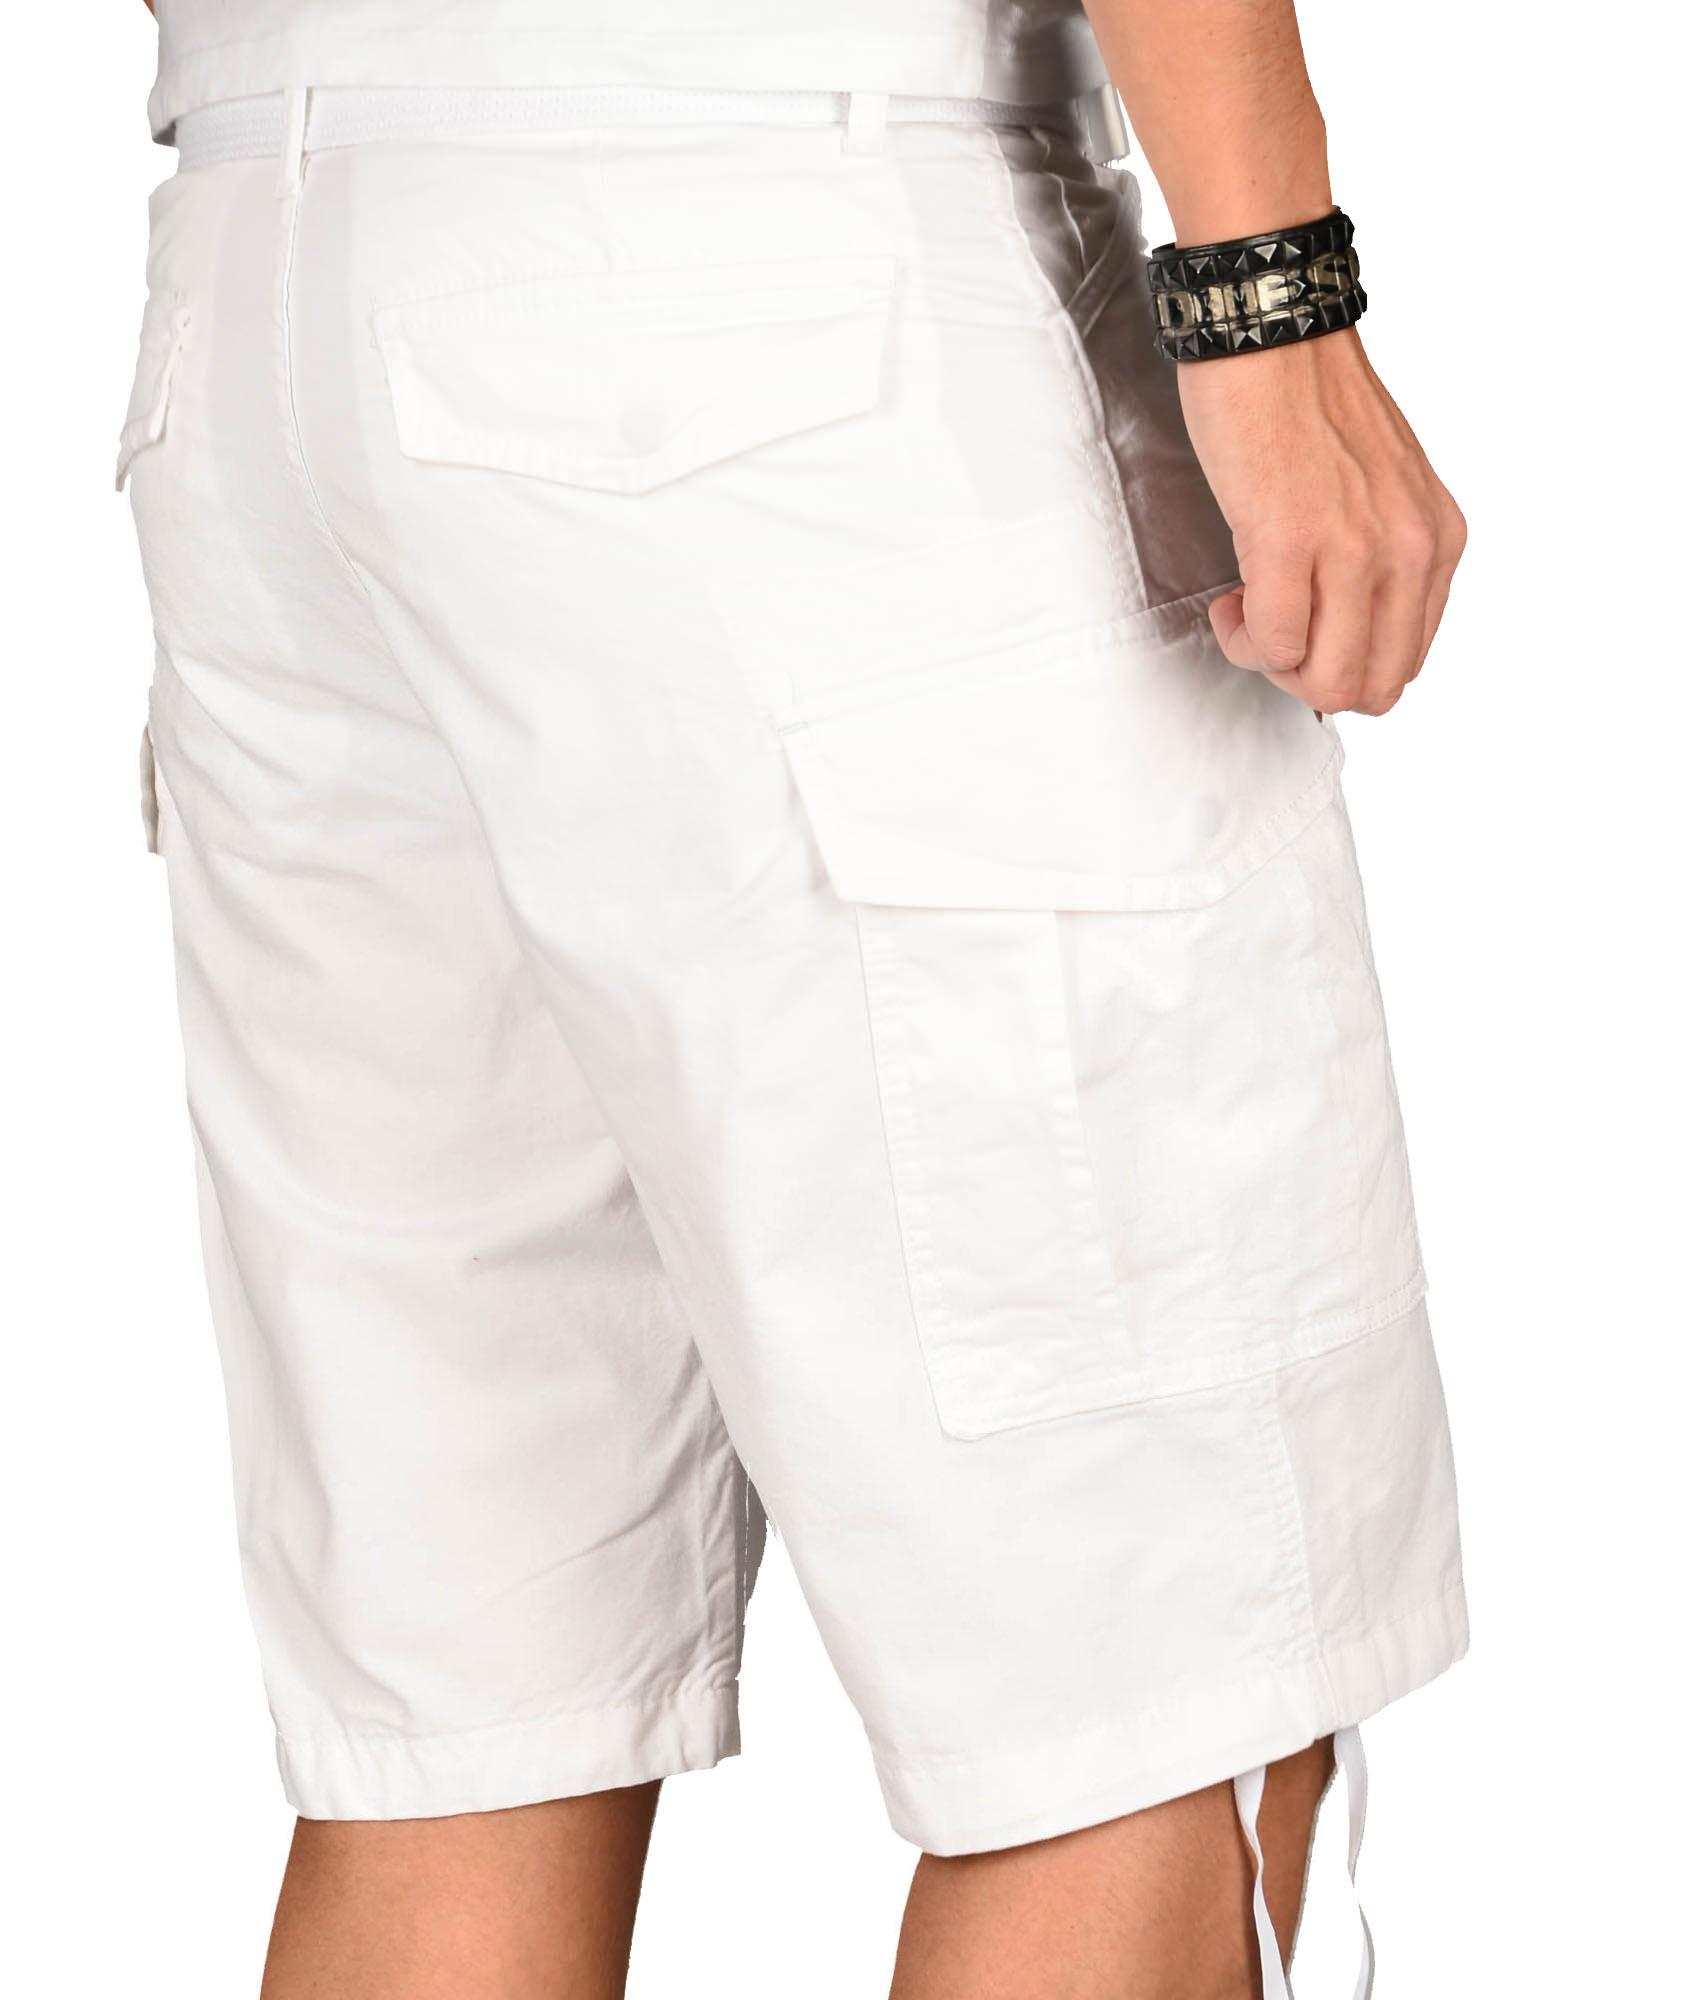 A-Salvarini-Herren-Comfort-Cargo-Shorts-Cargoshorts-kurze-Hose-Guertel-AS133-NEU Indexbild 32